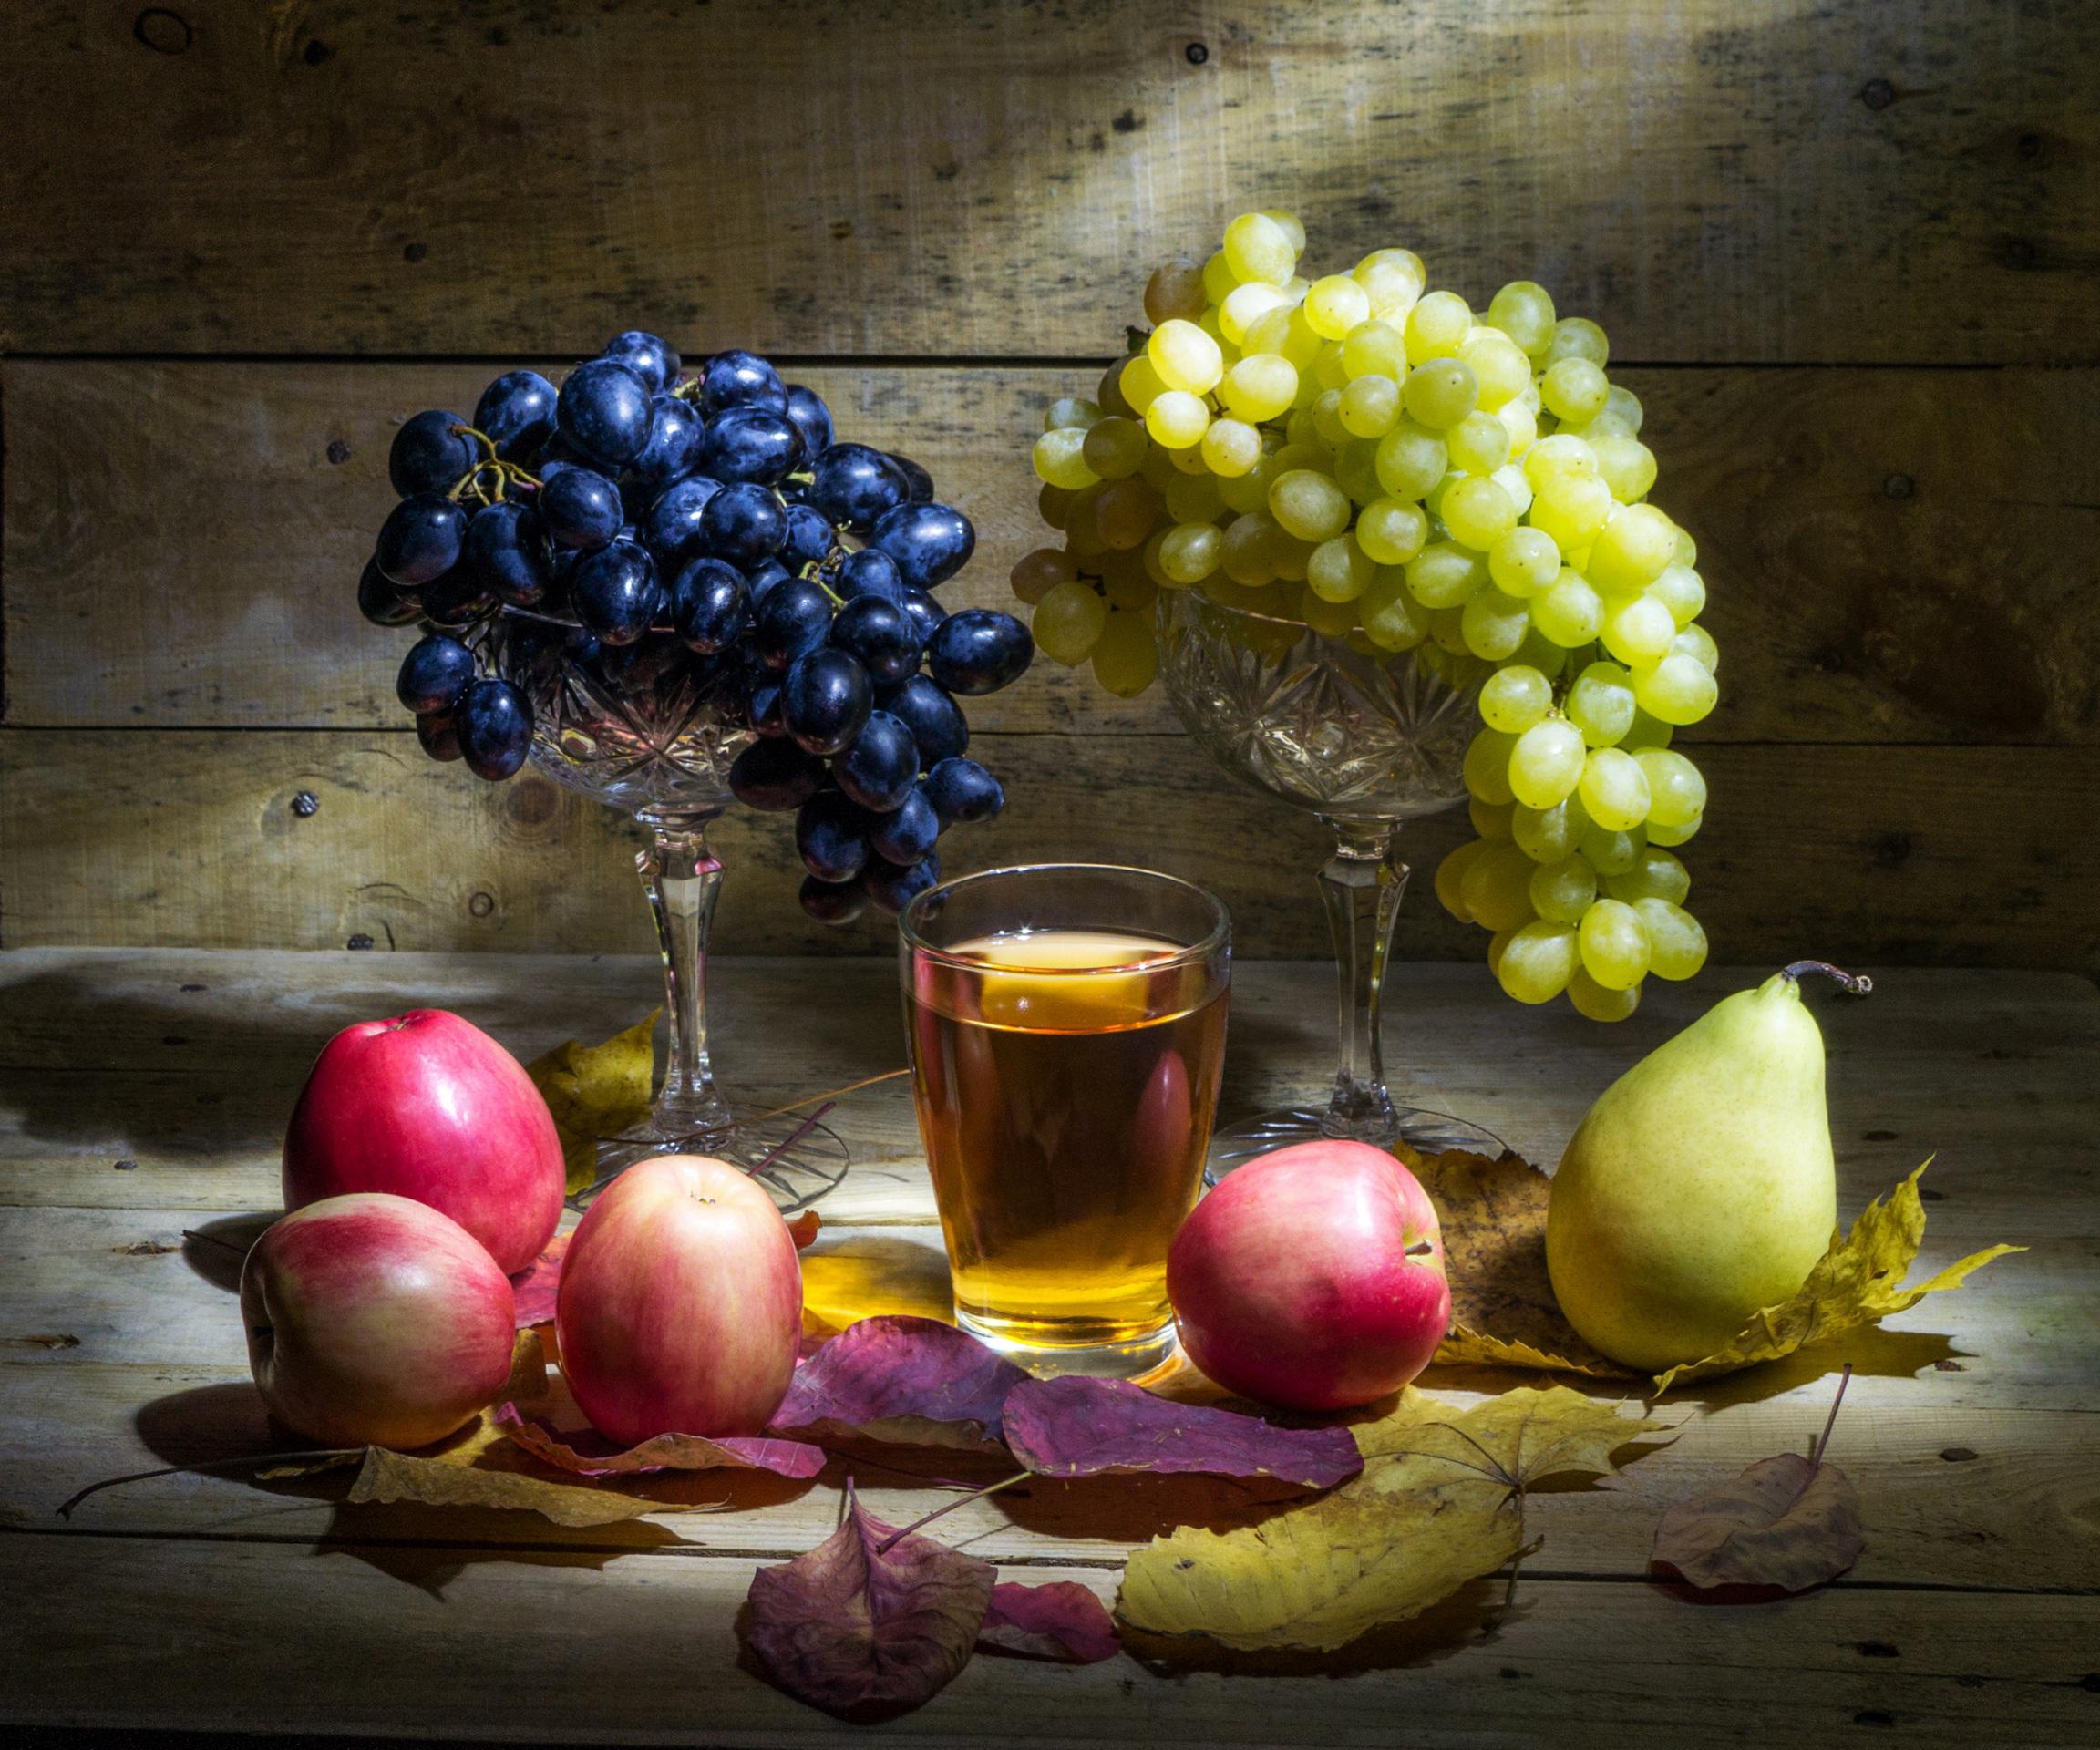 Обои для рабочего стола Листья Сок Груши Стакан Яблоки Виноград Еда Натюрморт 2304x1920 лист Листва стакана стакане Пища Продукты питания